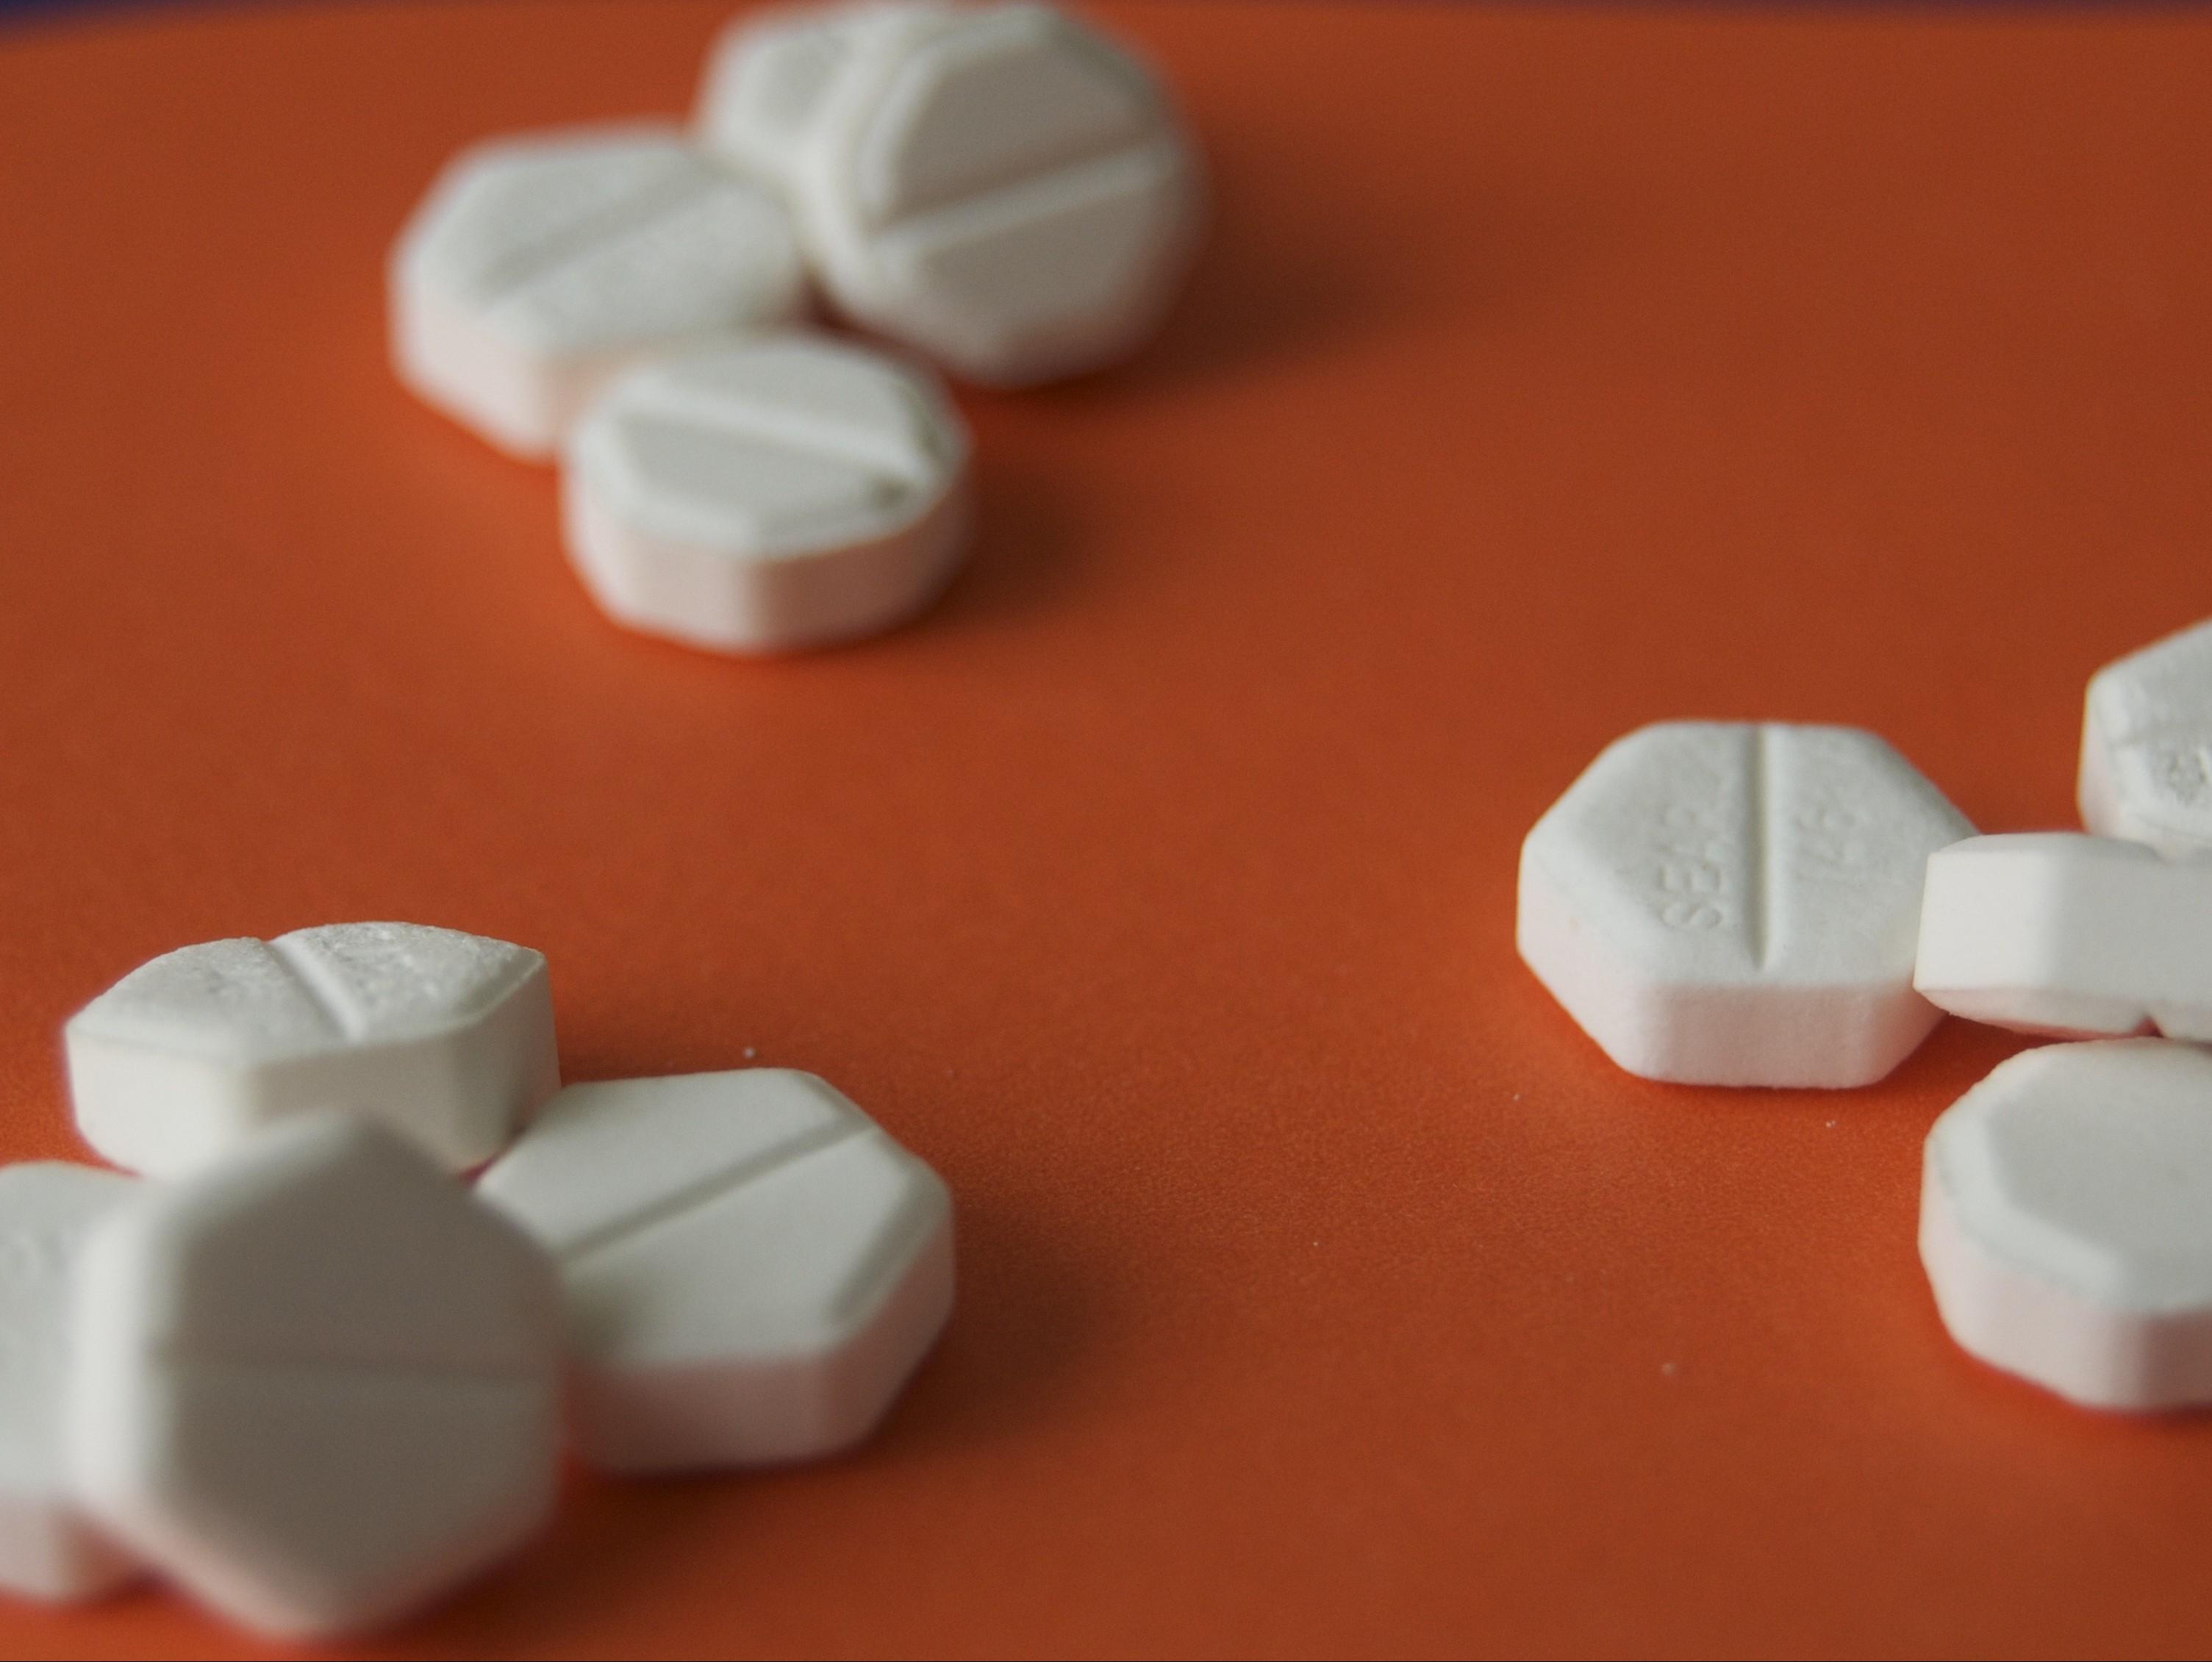 Лекарство структум инструкция по применению